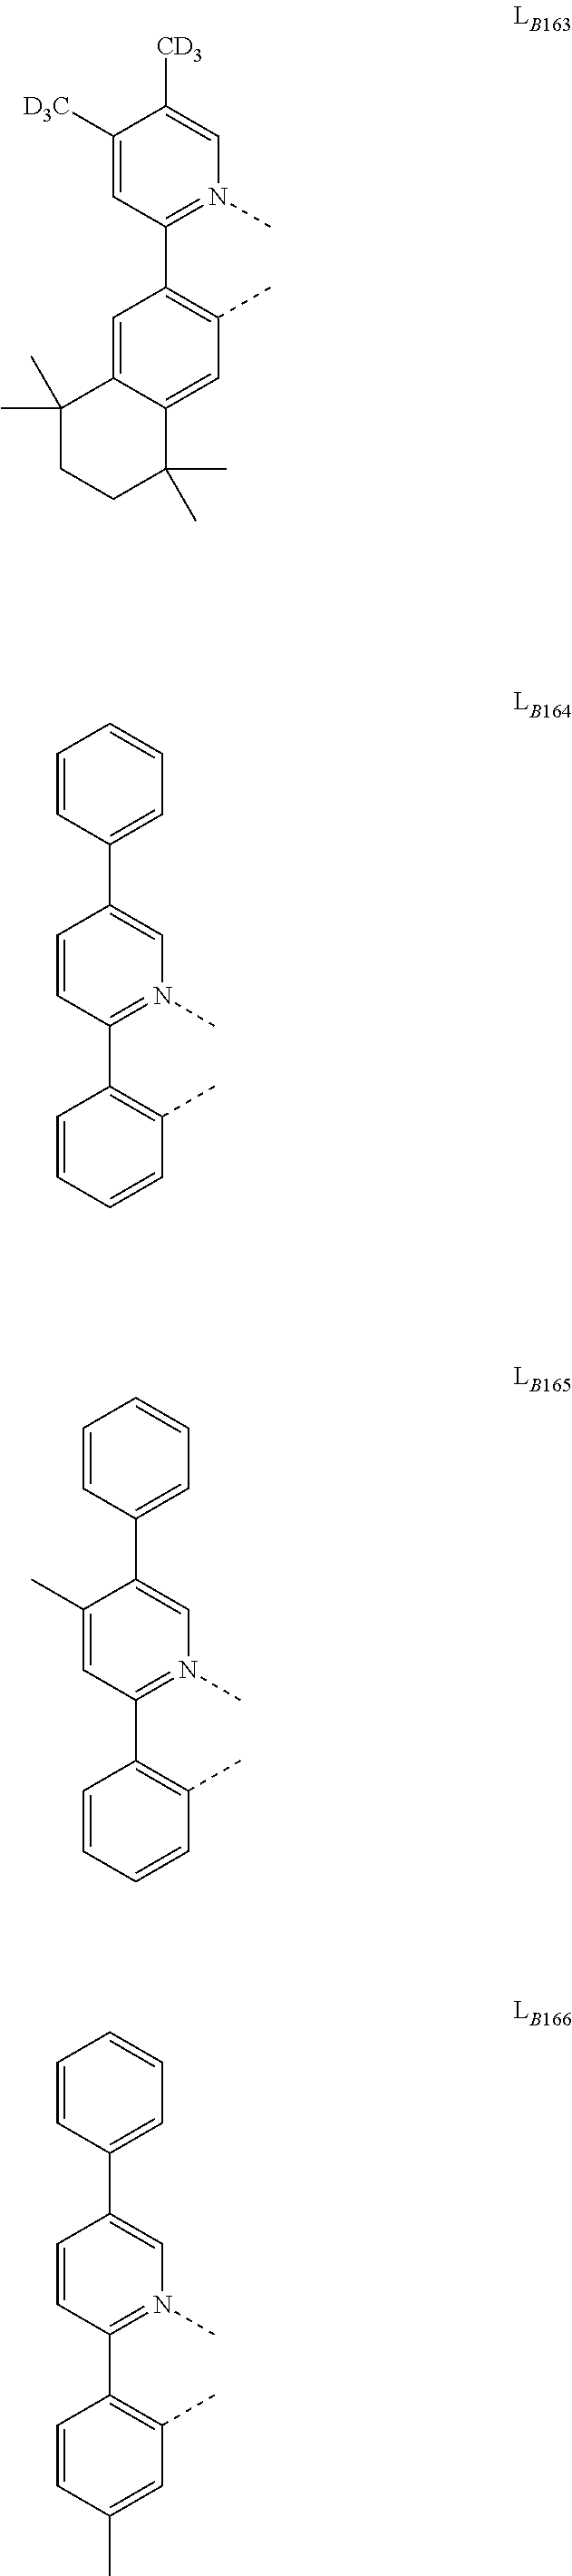 Figure US09929360-20180327-C00072